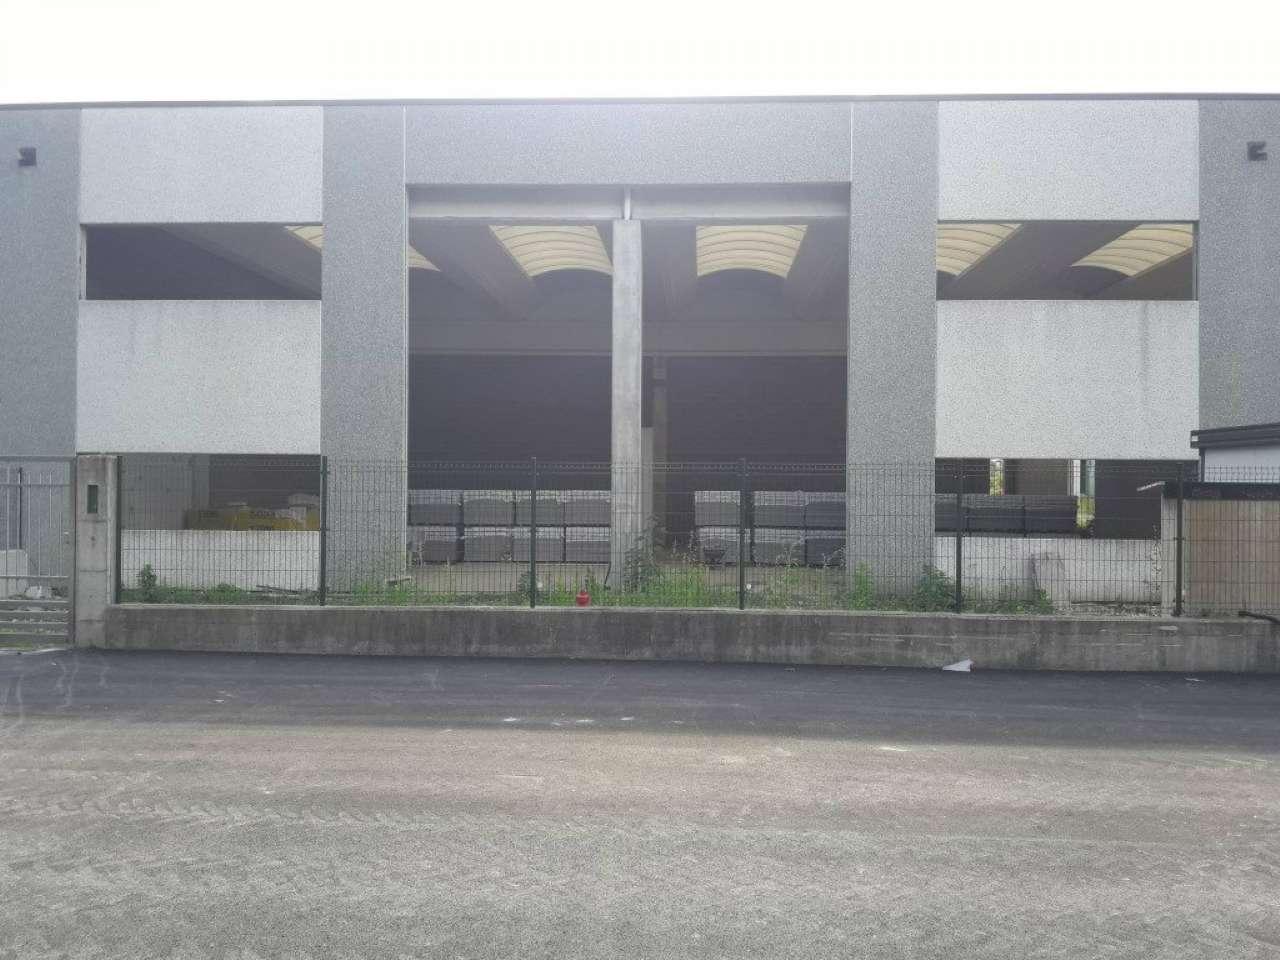 Capannone in vendita a Vedano Olona, 2 locali, prezzo € 560.000 | CambioCasa.it